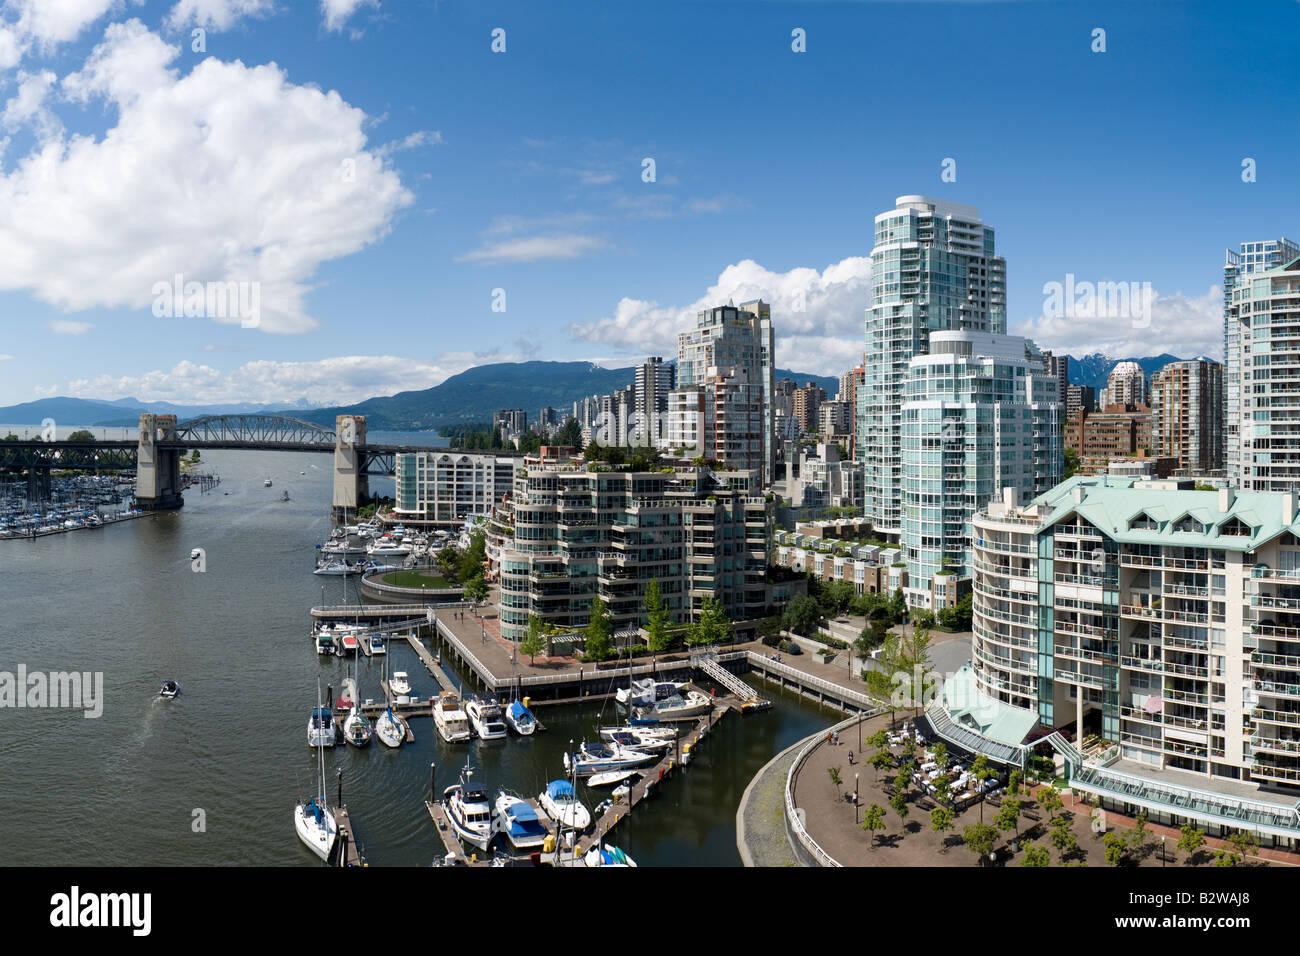 El lado norte de False Creek y Burrard como se ve desde el puente Granville Bridge en Vancouver, BC, Canadá. Imagen De Stock